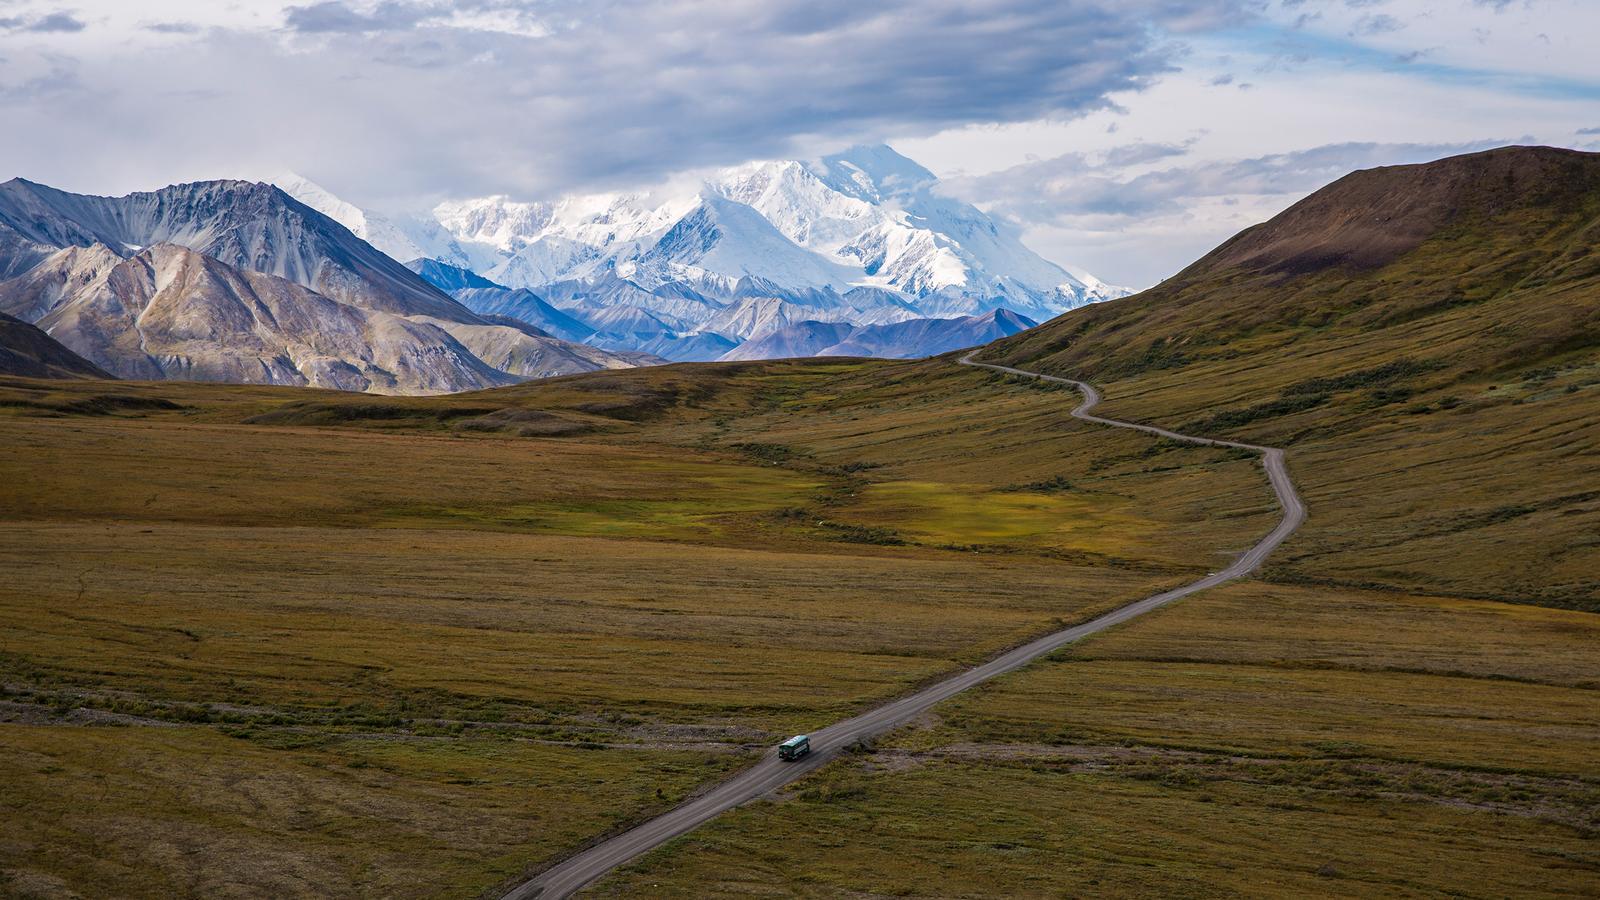 Alaska Camping urlaub für junge Leute in der Gruppe mit Denali Nationalpark traveljunkies